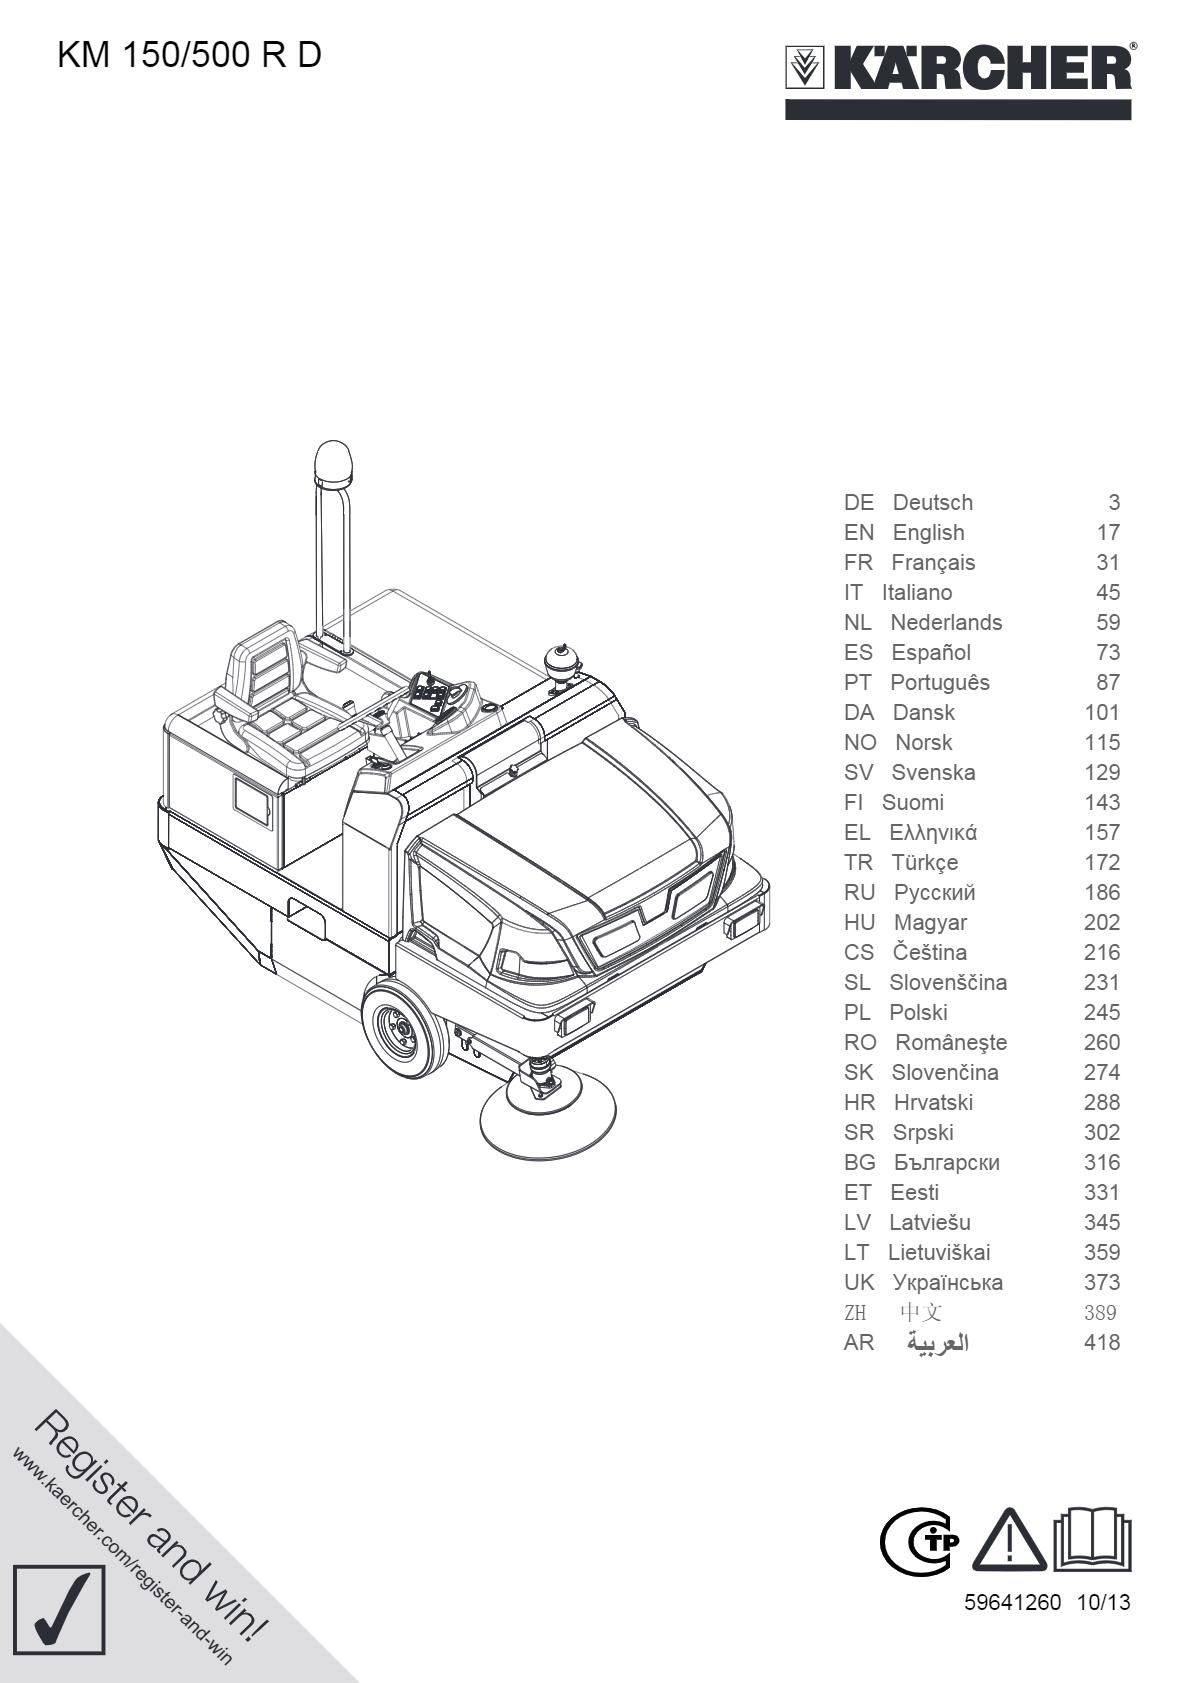 KM 150/500  驾驶式真空扫地机说明书下载